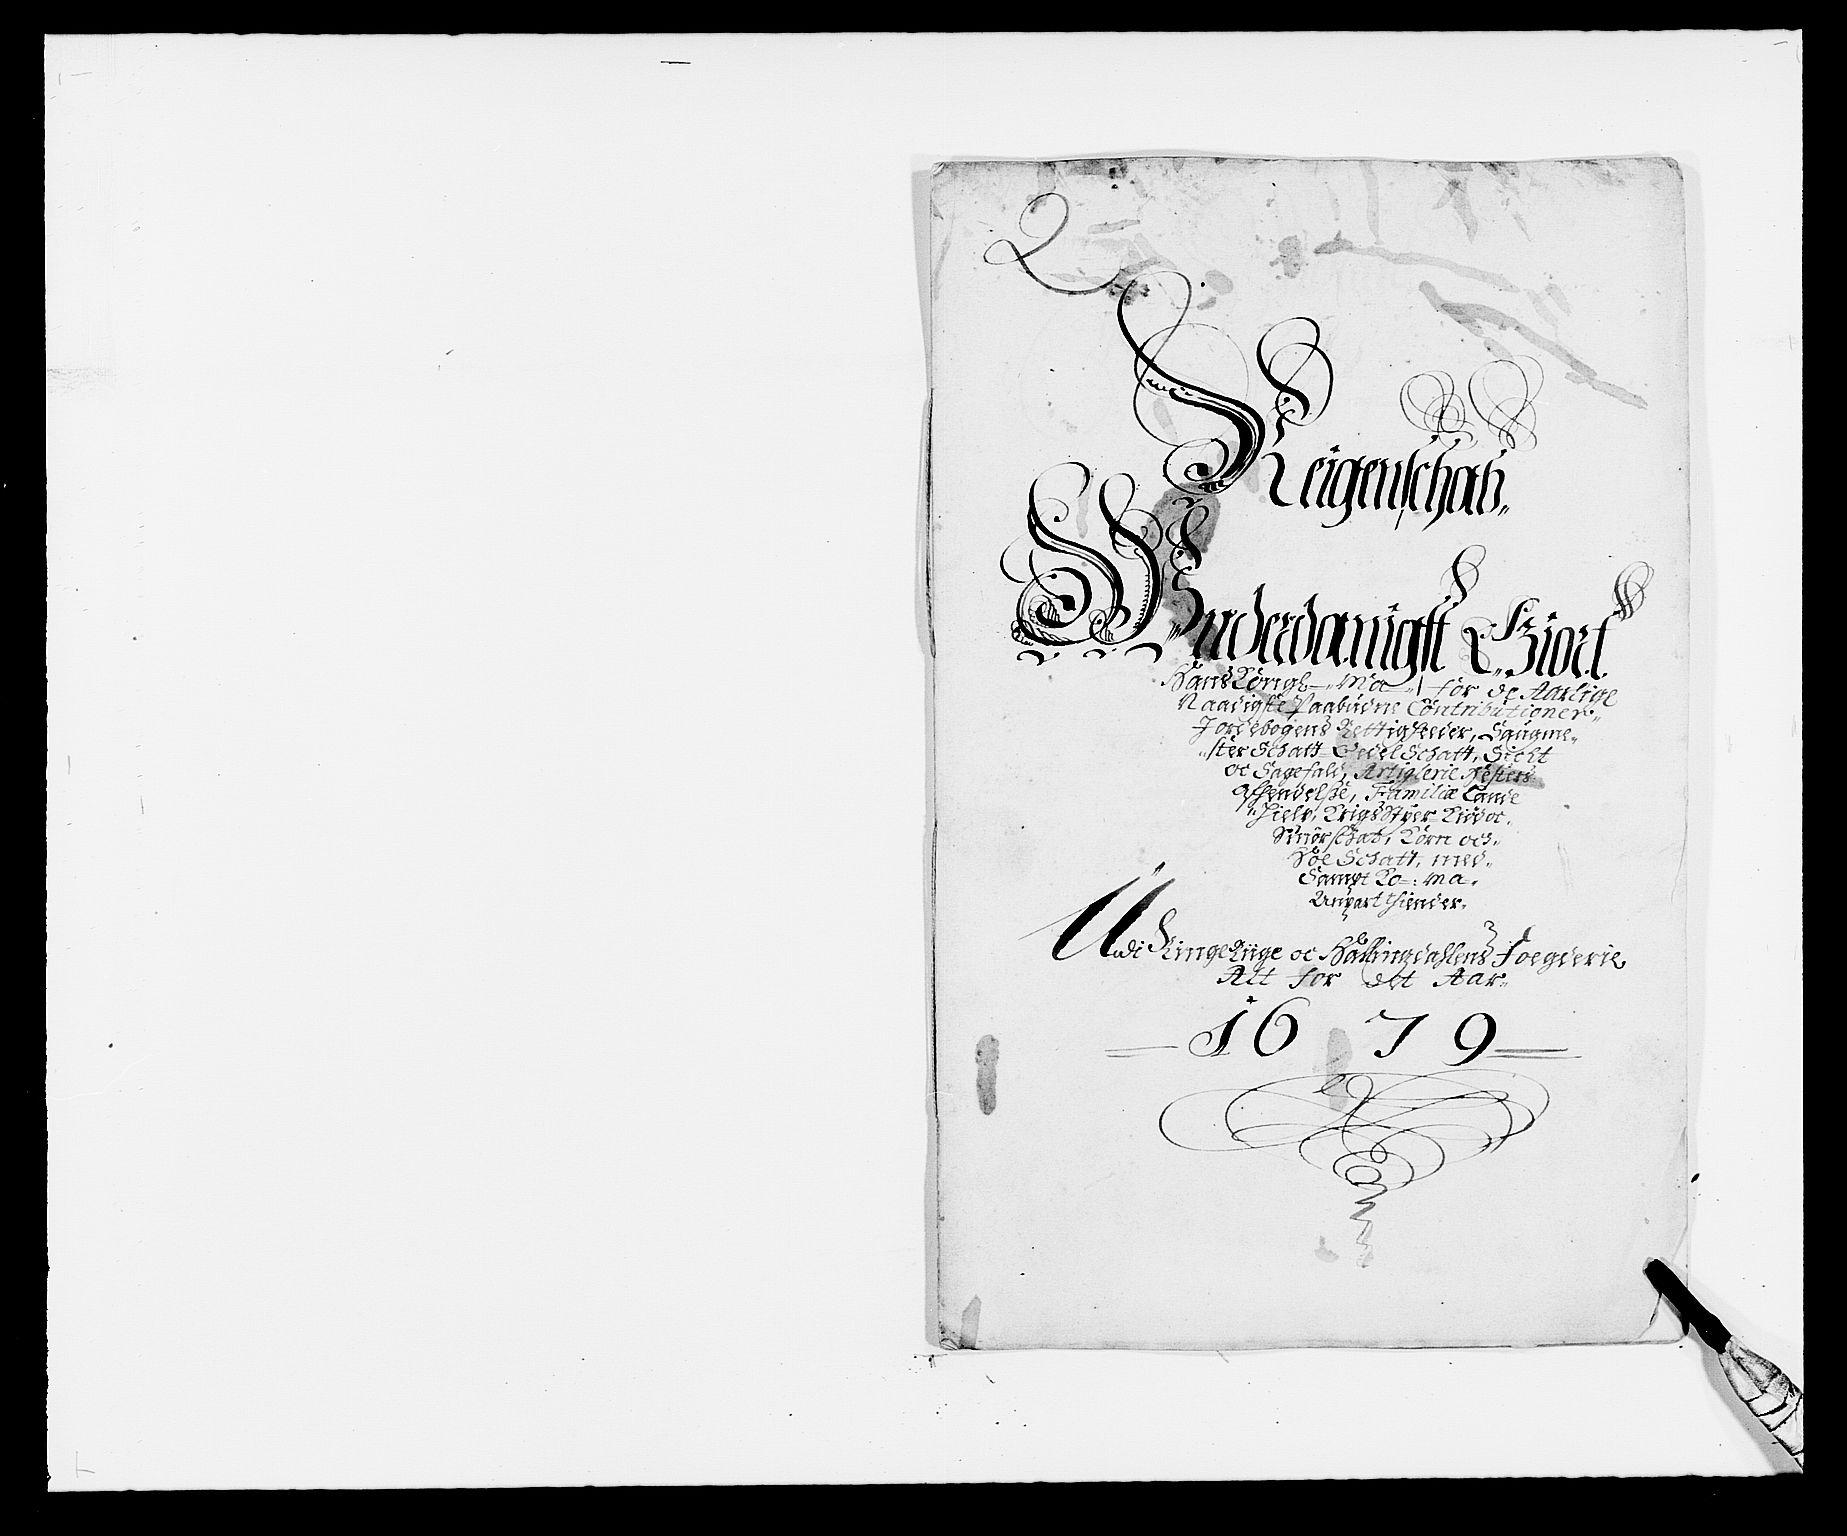 RA, Rentekammeret inntil 1814, Reviderte regnskaper, Fogderegnskap, R21/L1443: Fogderegnskap Ringerike og Hallingdal, 1678-1680, s. 210